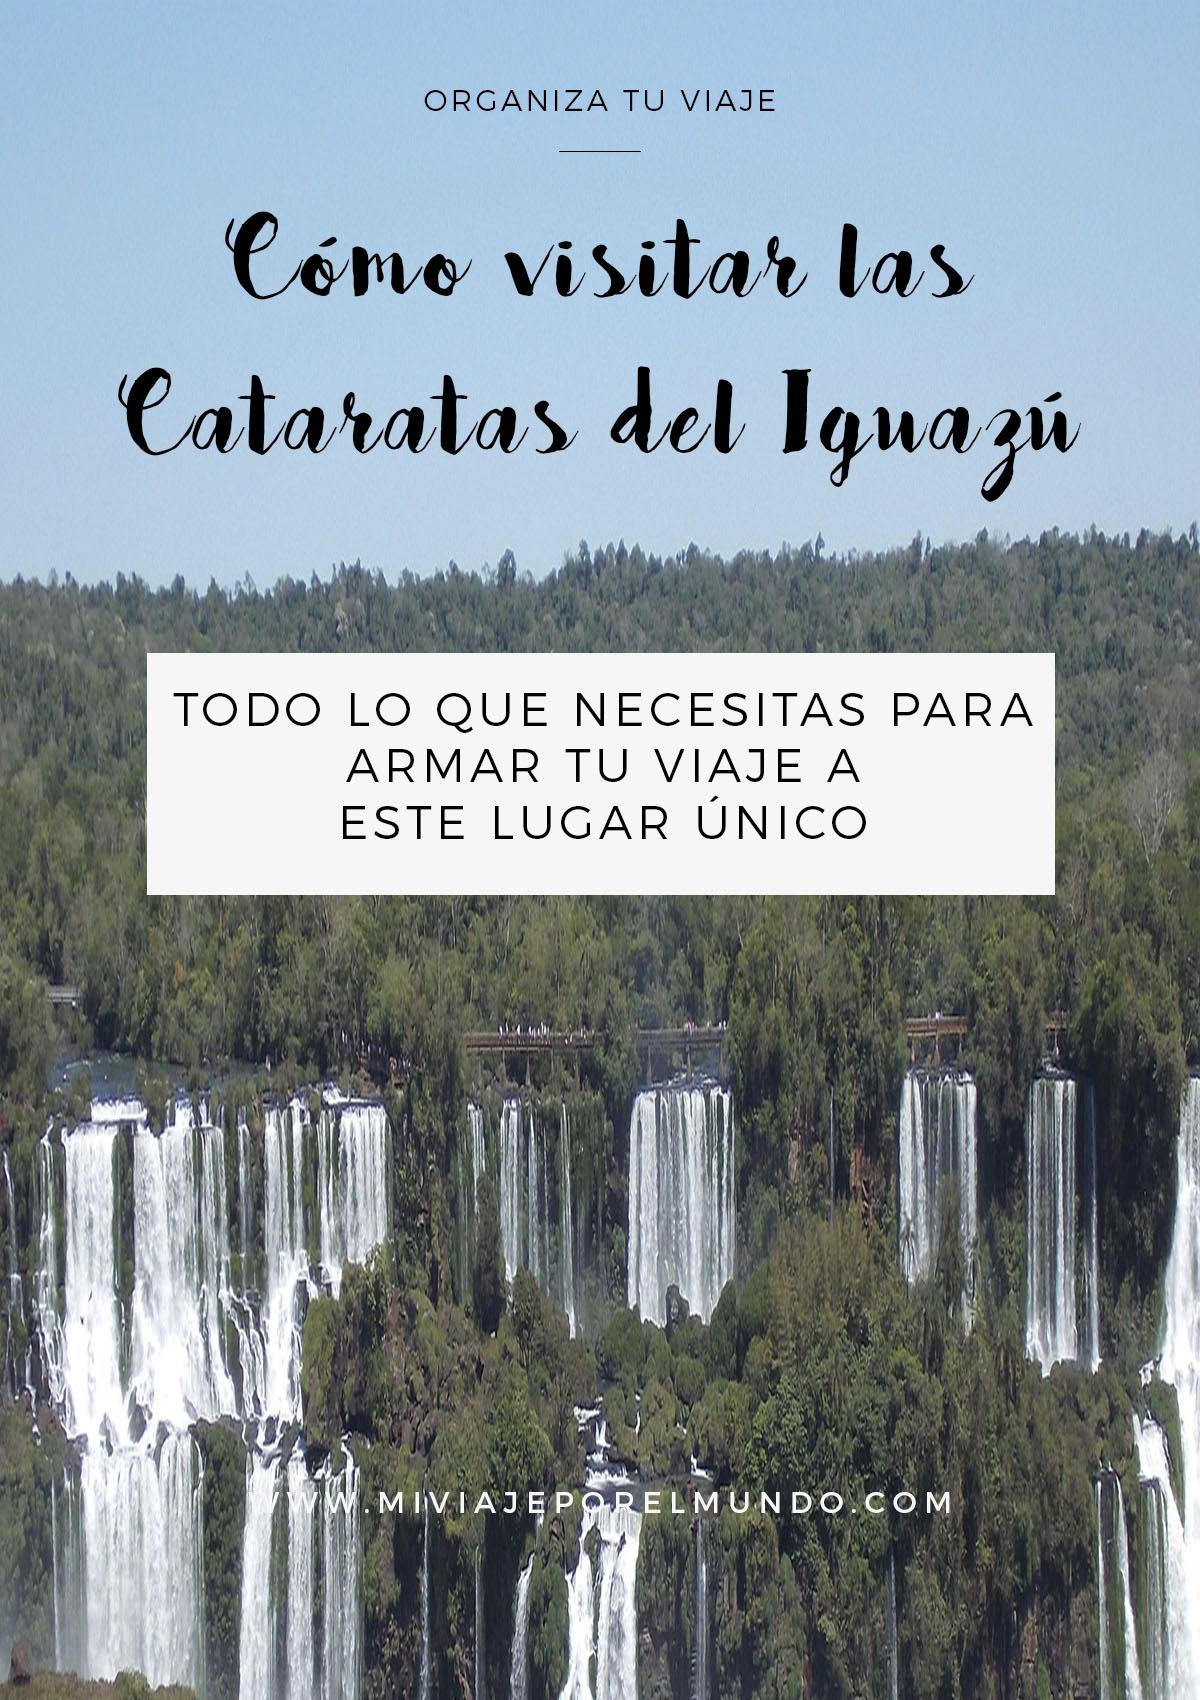 como organizar un viaje a las cataratas del iguazu del lado argentino